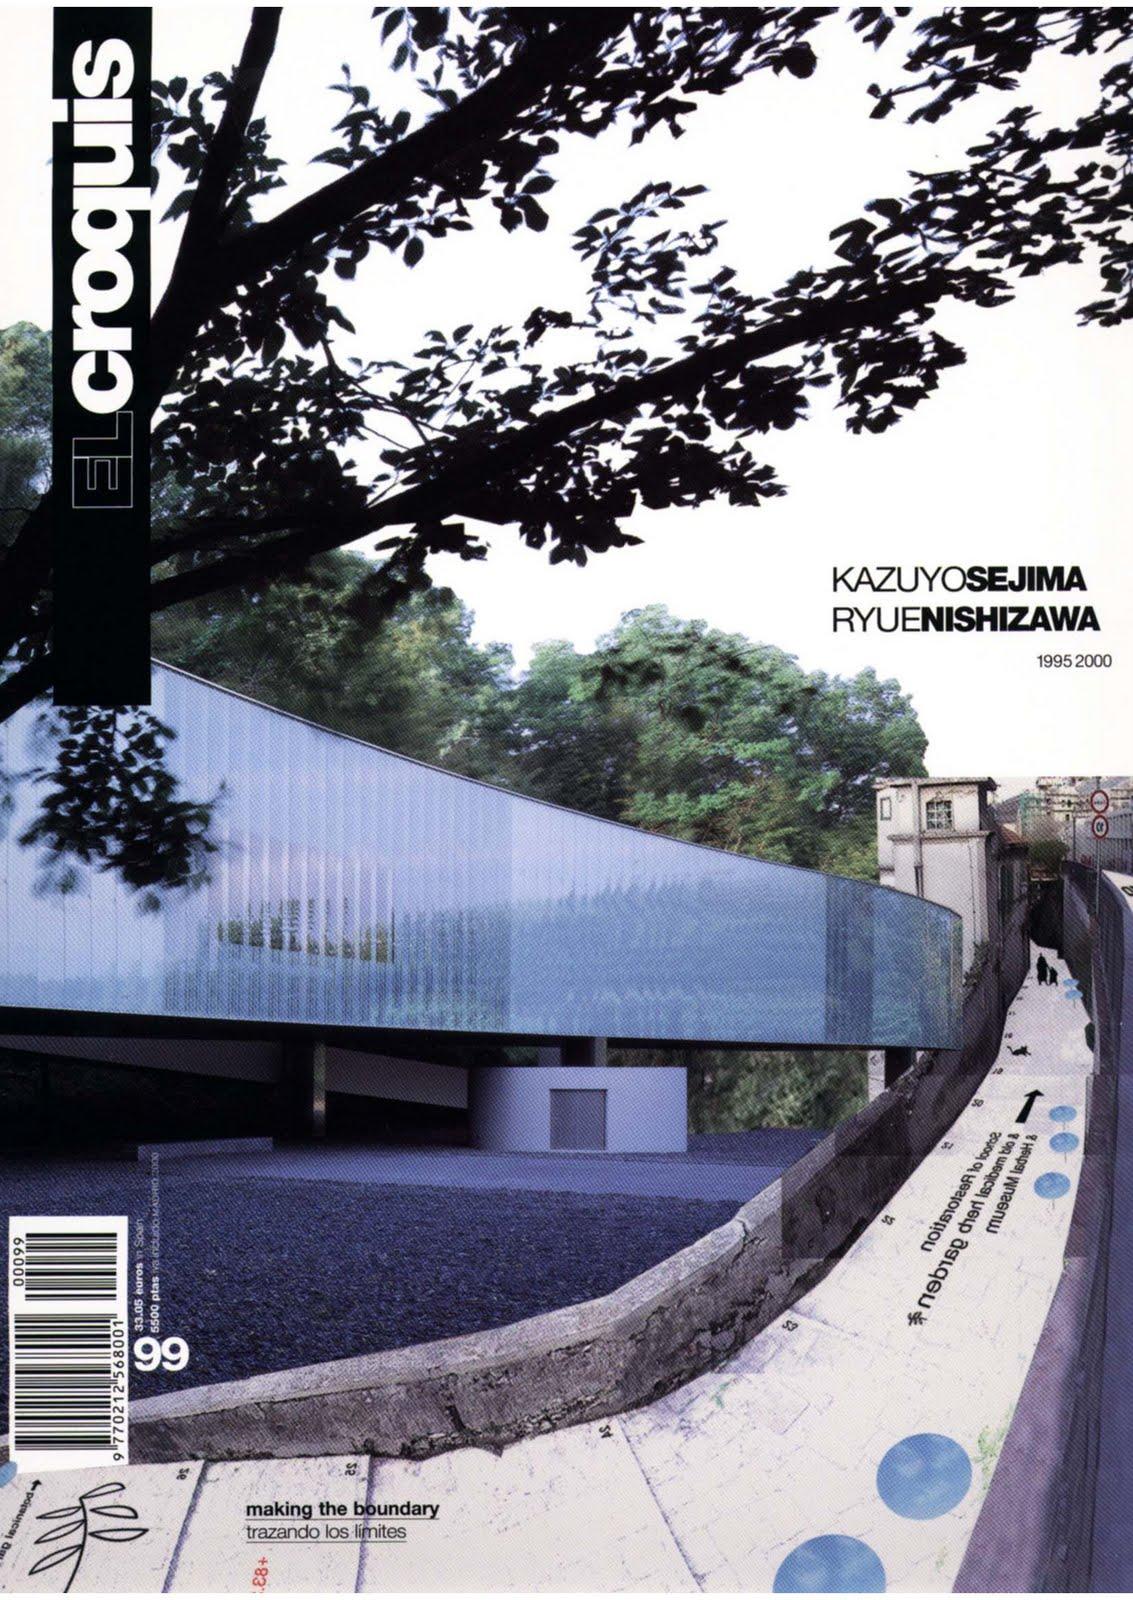 Architecture landscape el croquis 99 kazuyo sejima for El croquis pdf